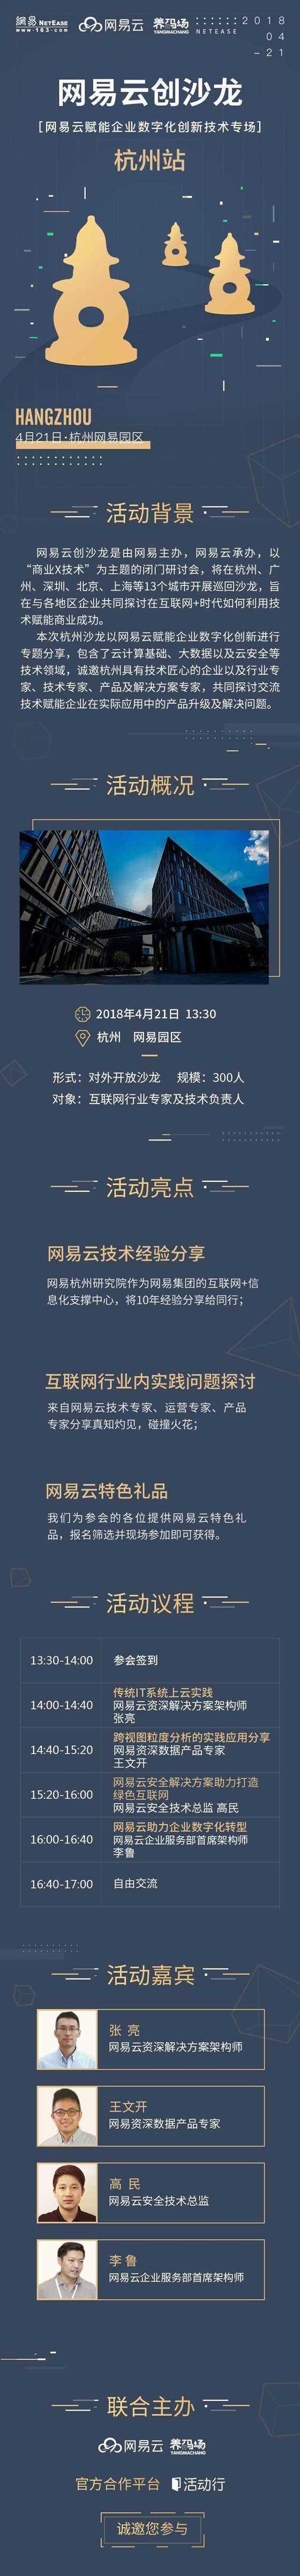 活动行-杭州技术专场长图-杭州站.png